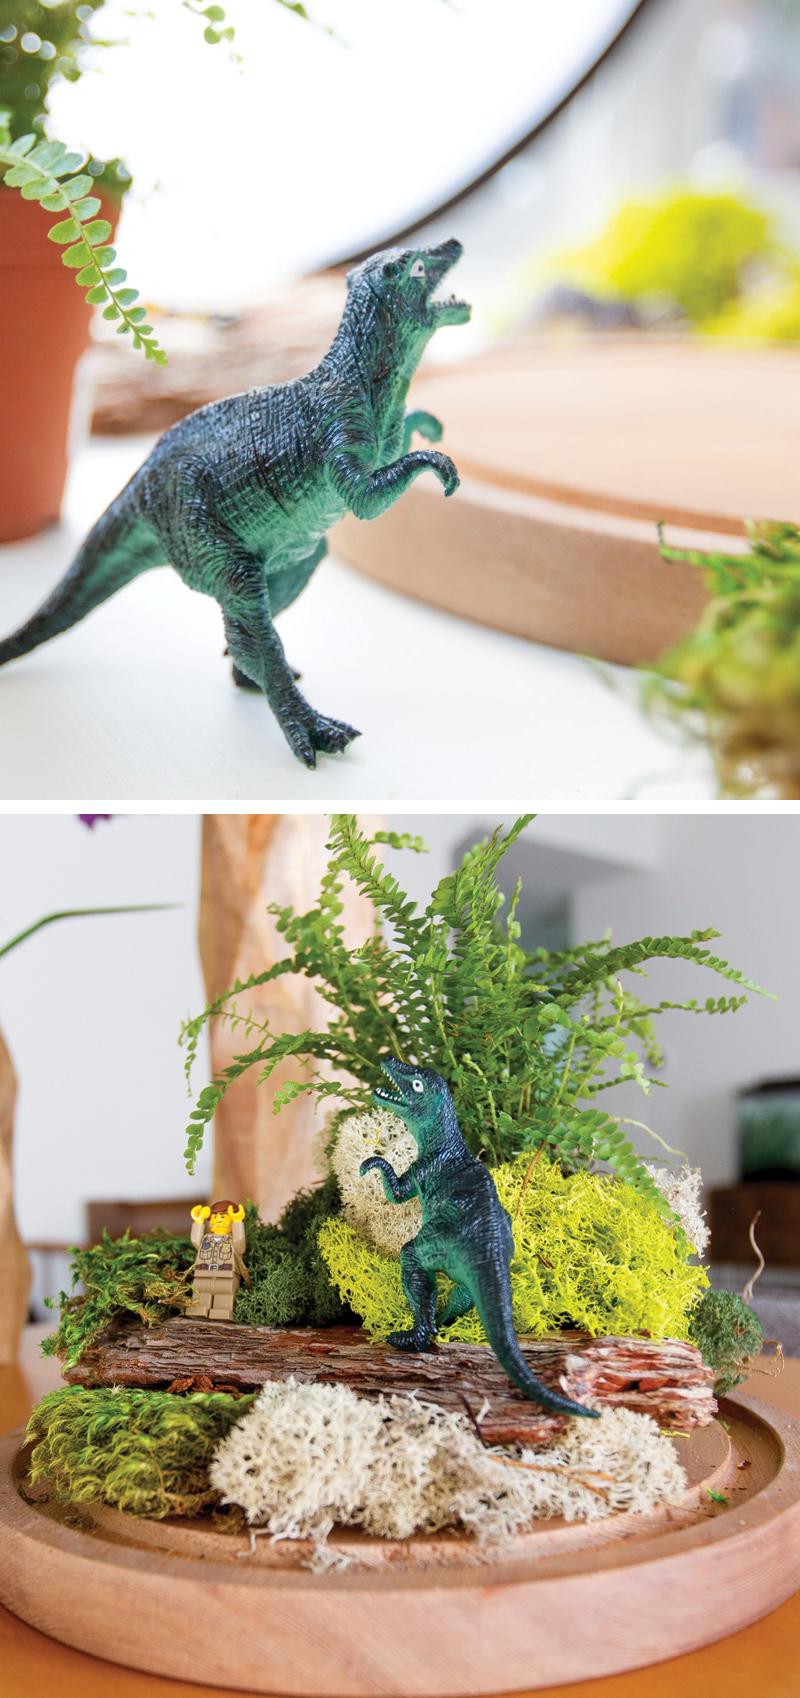 How to make a dinosaur fairy garden